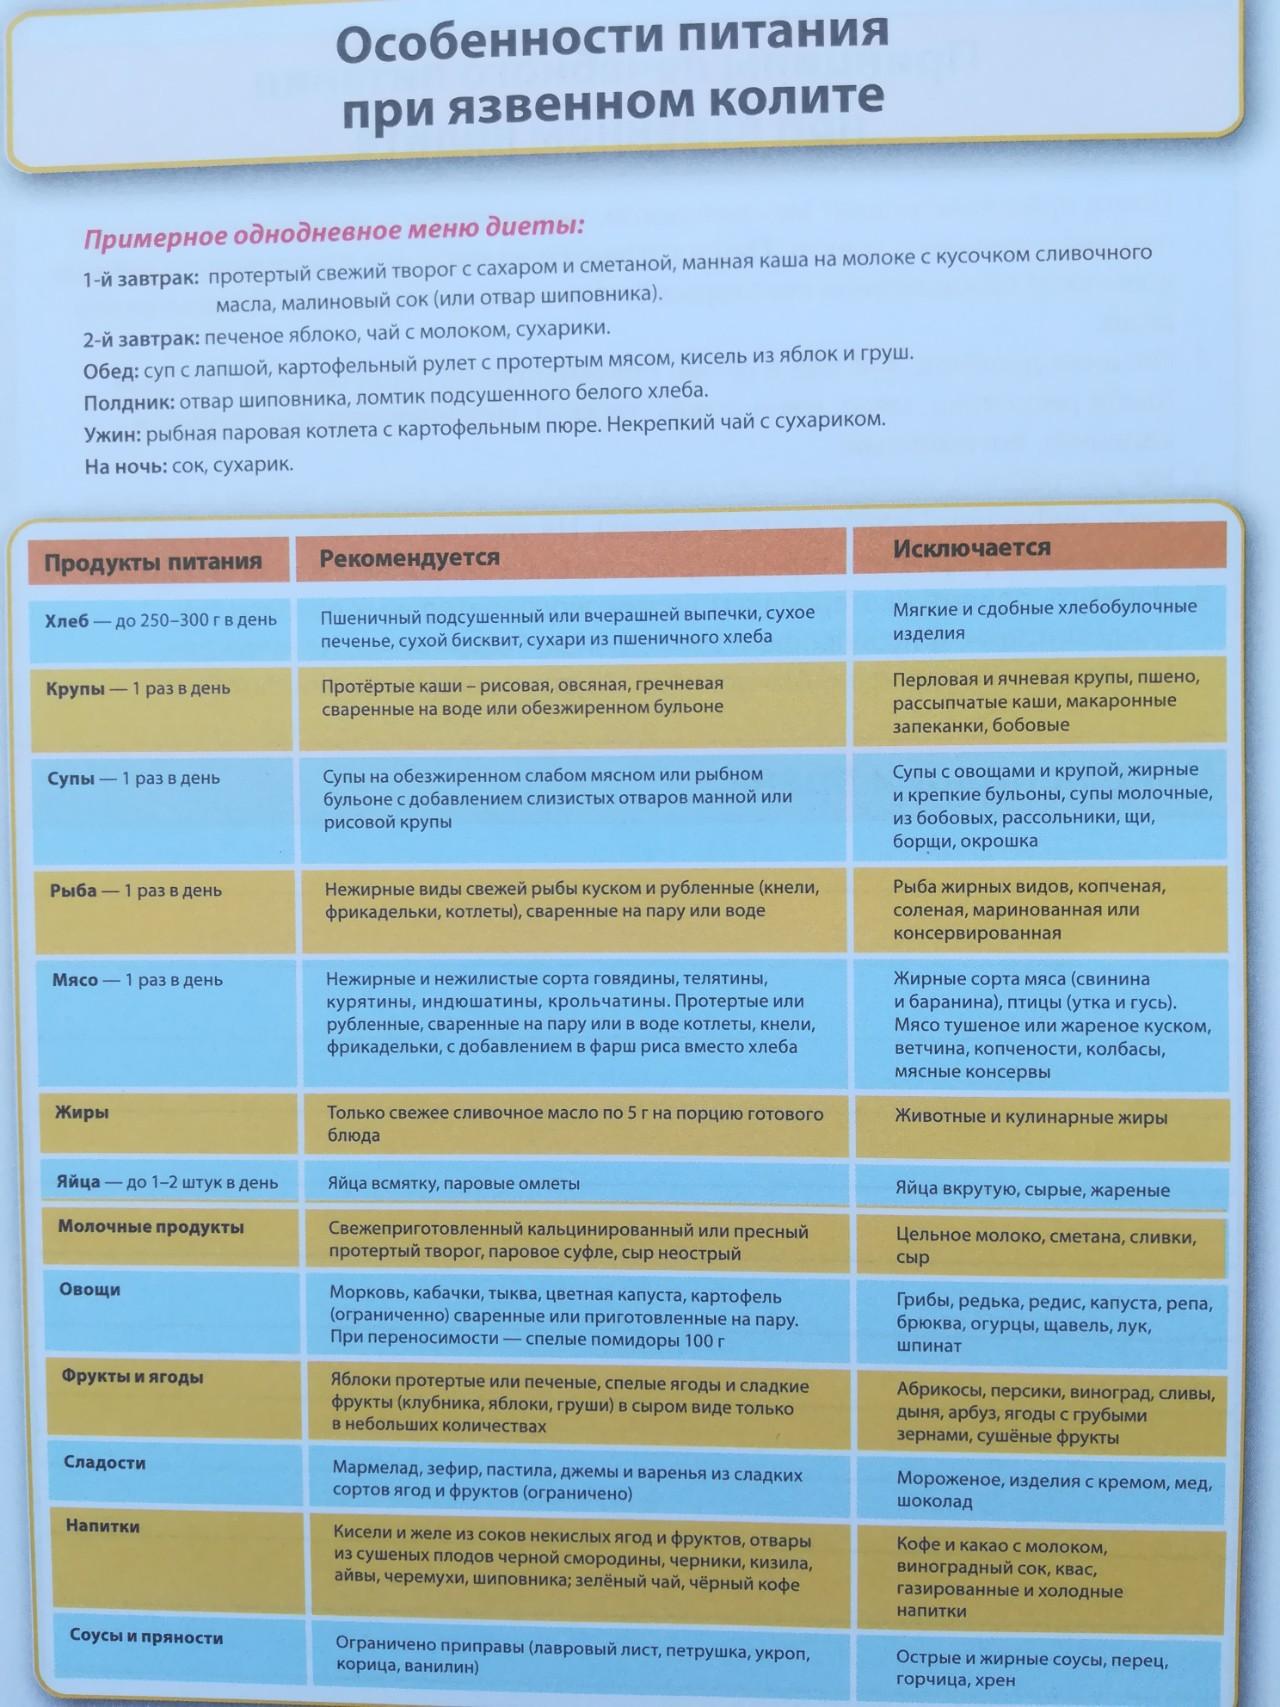 Хронический Колит Диета 4. Диета при хроническом колите: стол 4, 4а, 4б, примерное меню на неделю